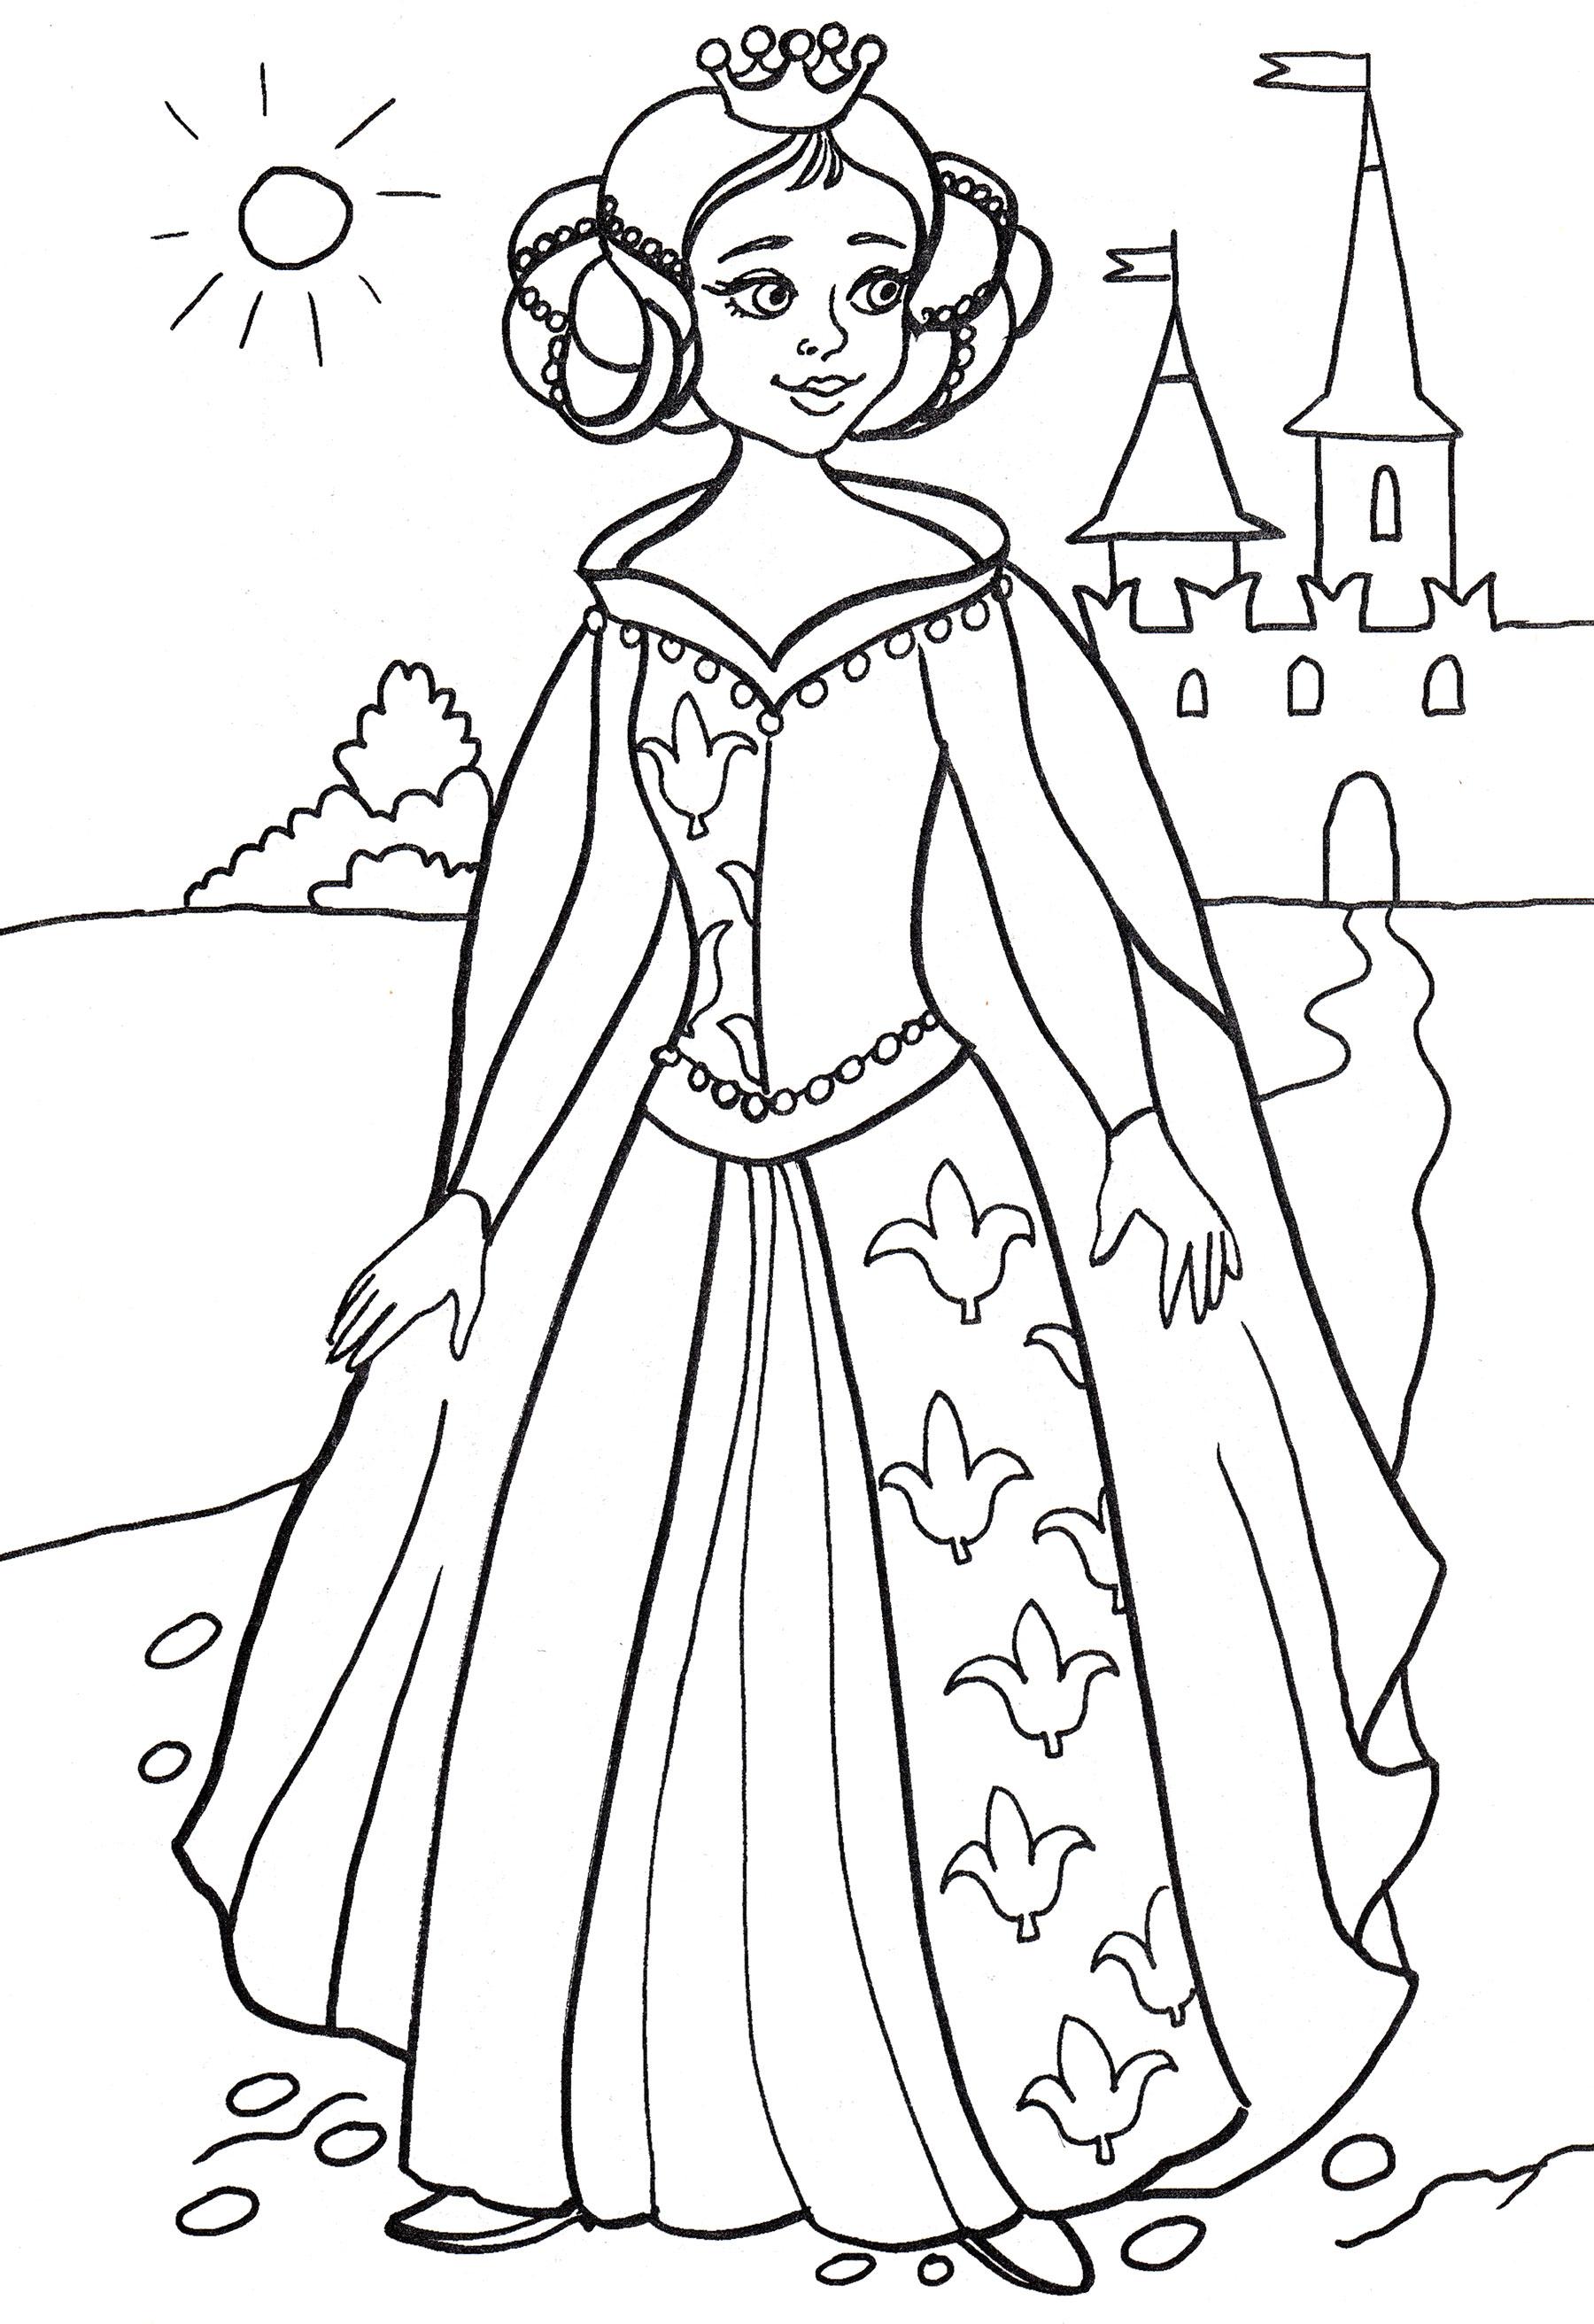 Раскраска Принцесса у замка - распечатать бесплатно